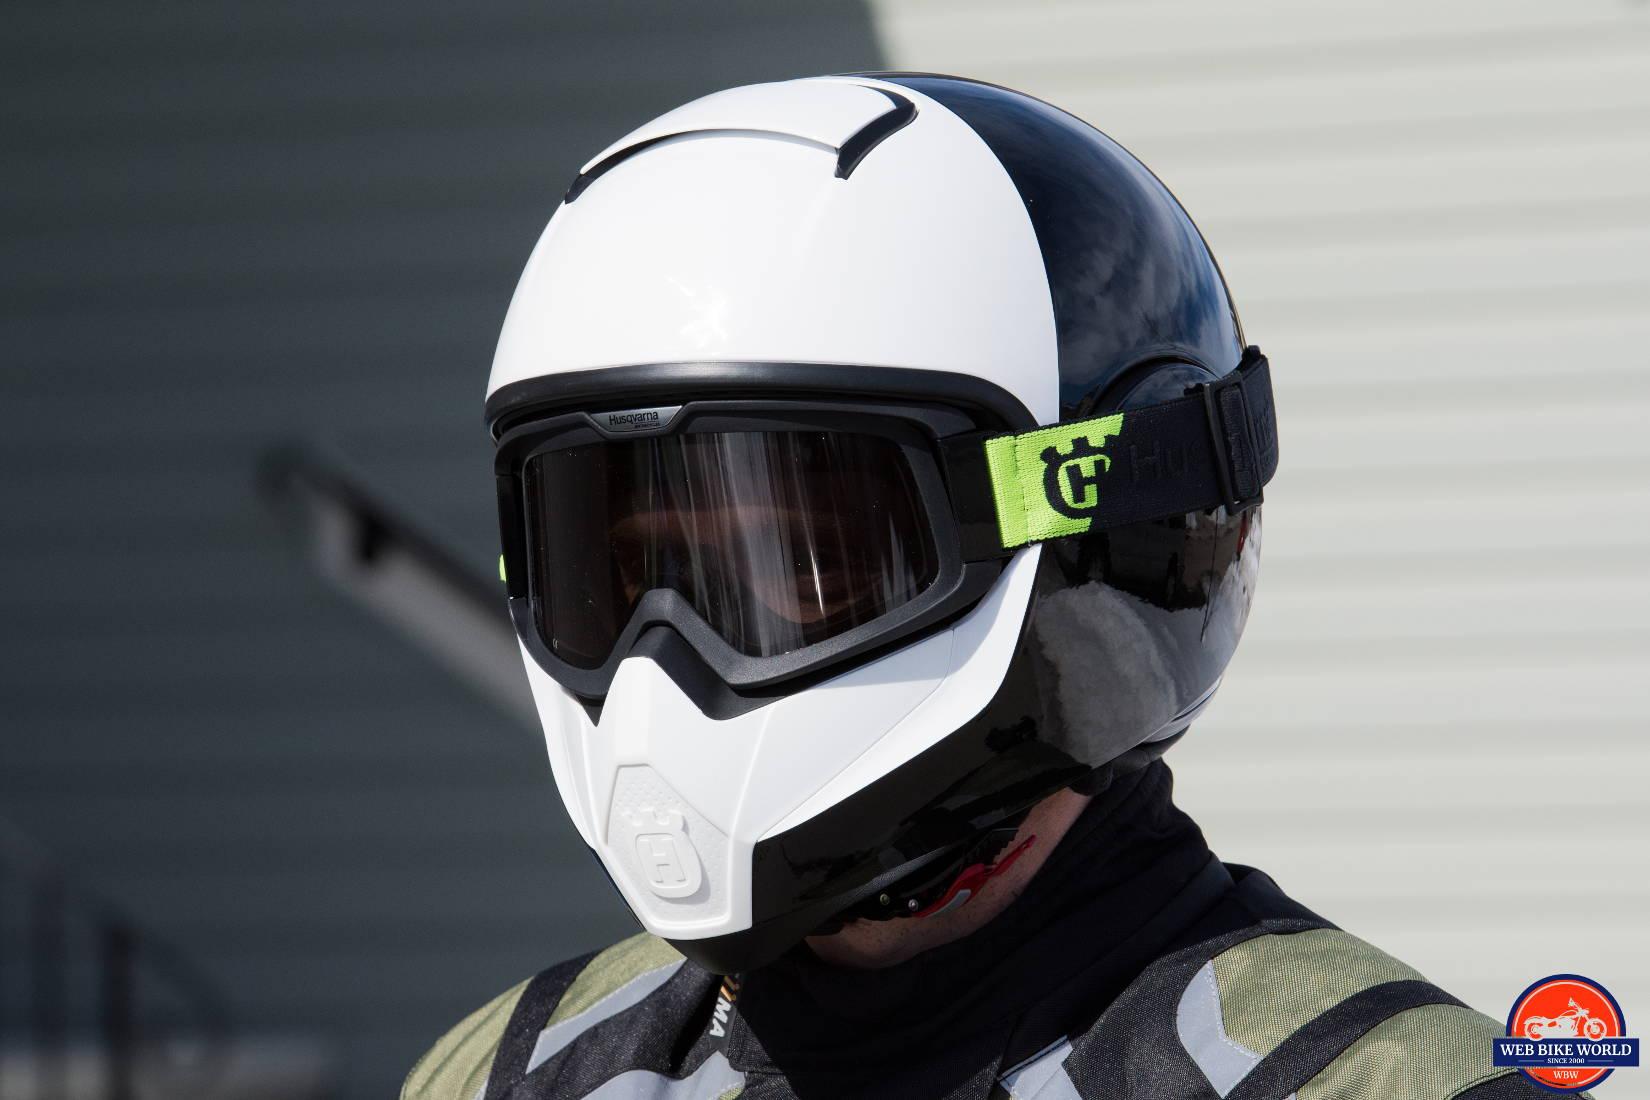 husqvarna pilen helmet comprehensive hands on review